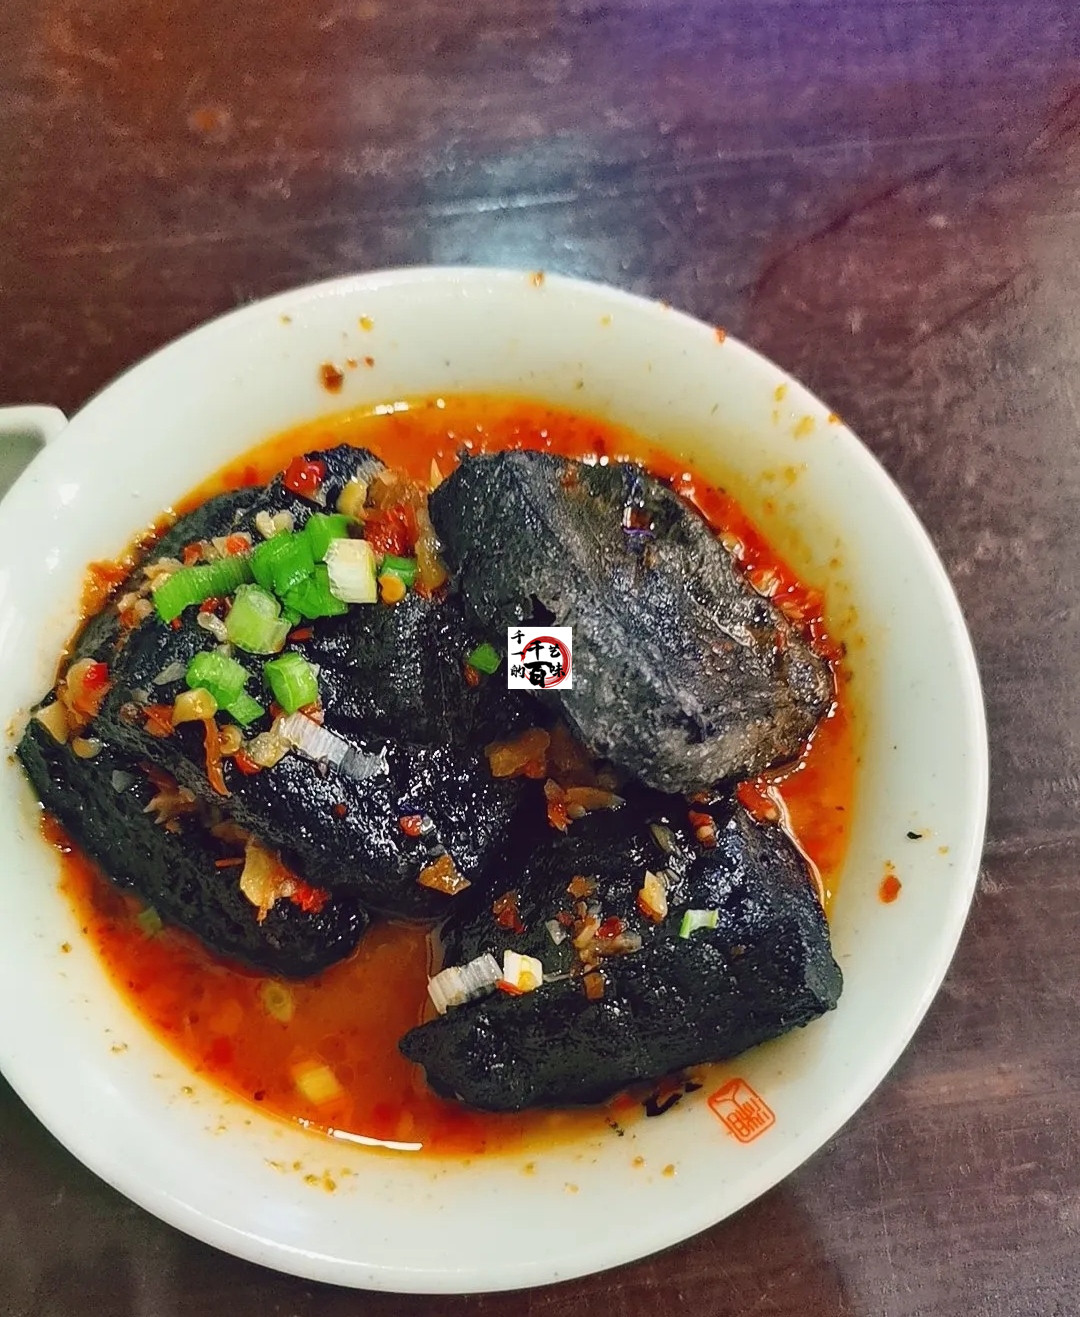 家常版臭豆腐,搭配泡菜和糖醋辣酱新吃法也不错 美食做法 第7张